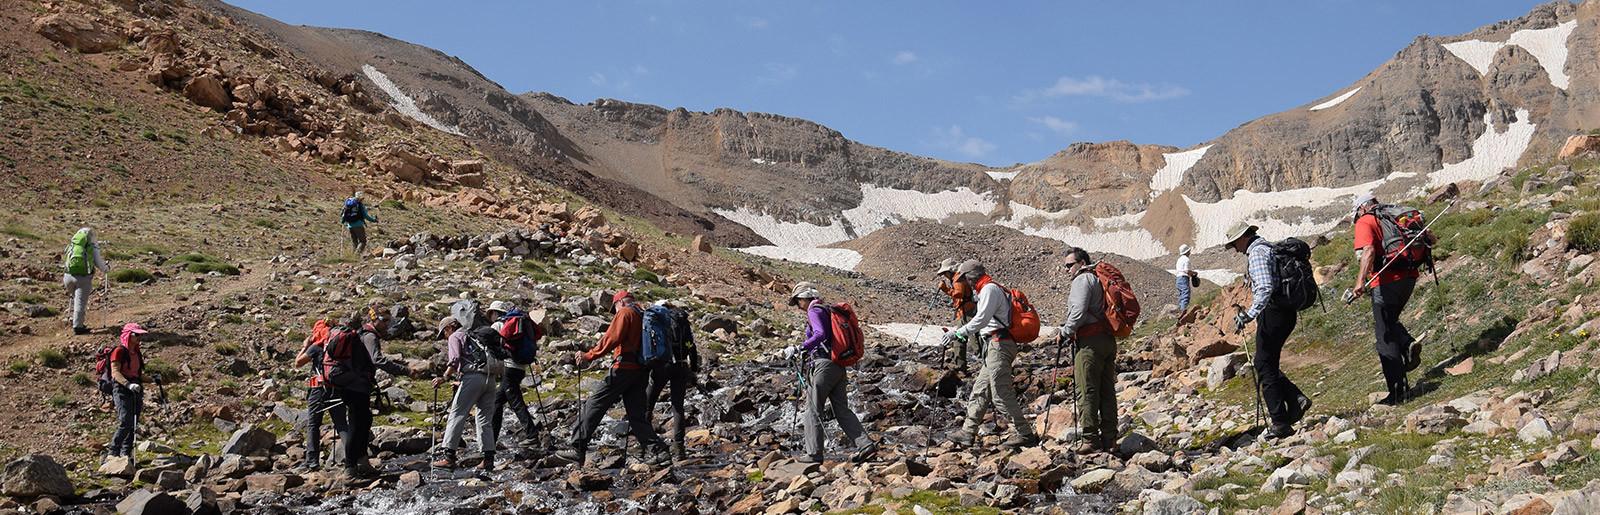 تور صعود قله علم کوه